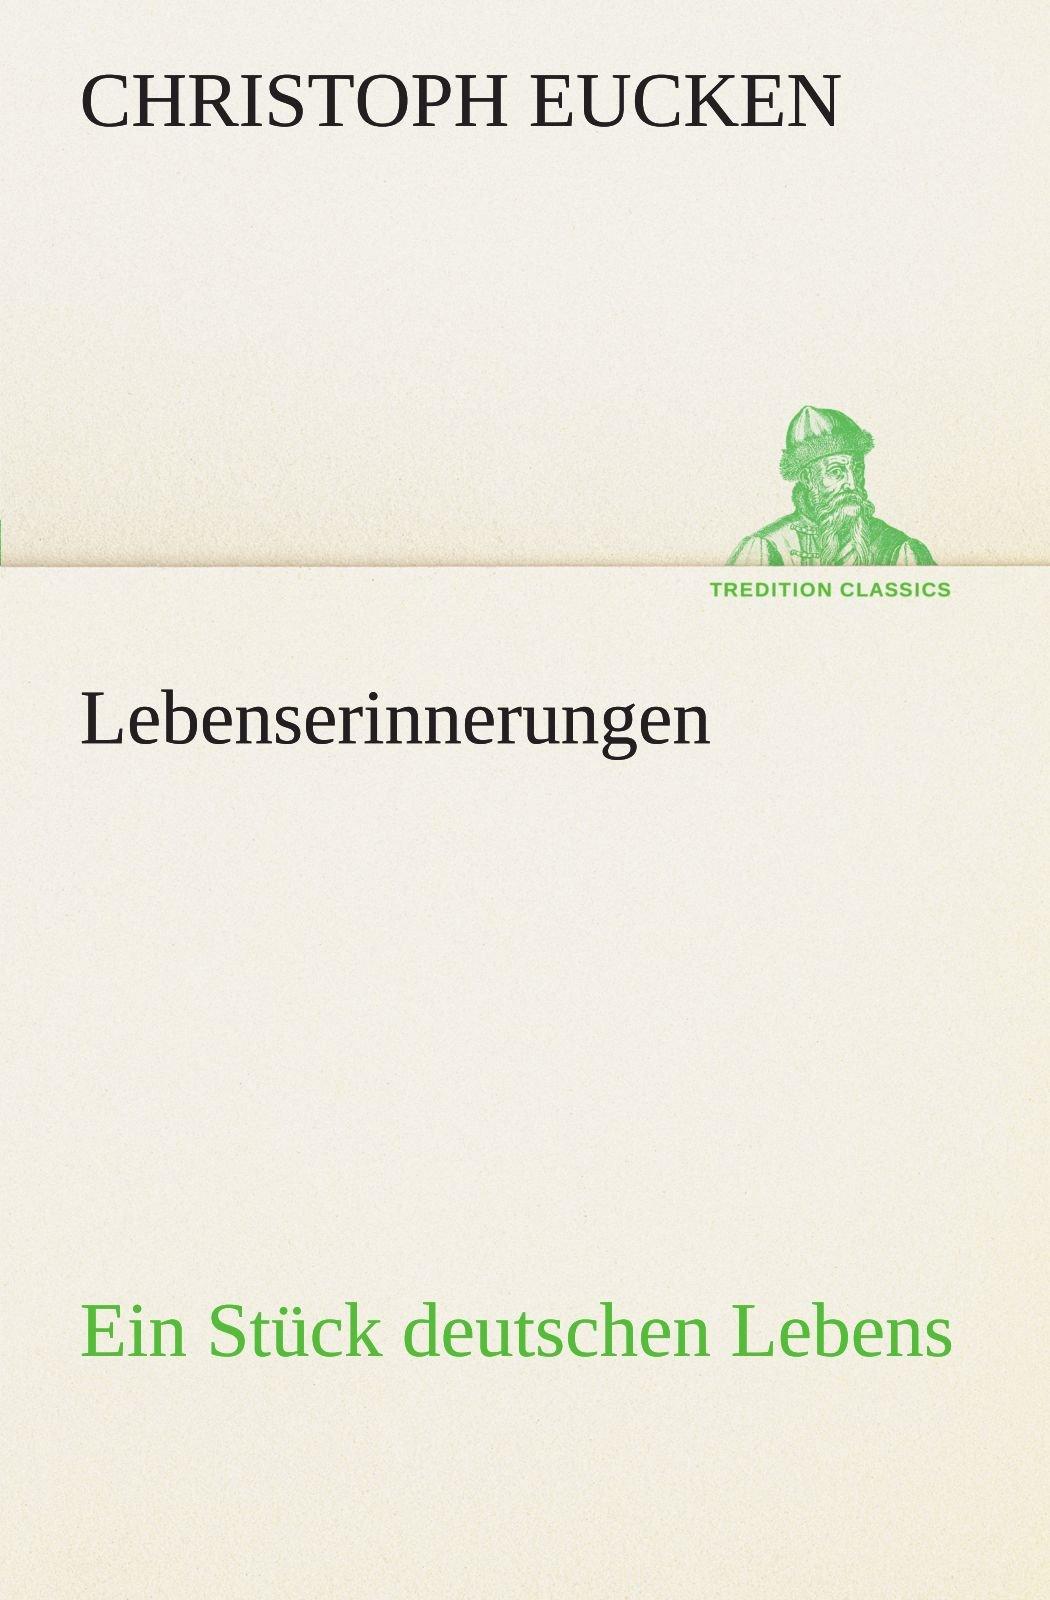 Lebenserinnerungen: Ein Stück deutschen Lebens (TREDITION CLASSICS) (German Edition) pdf